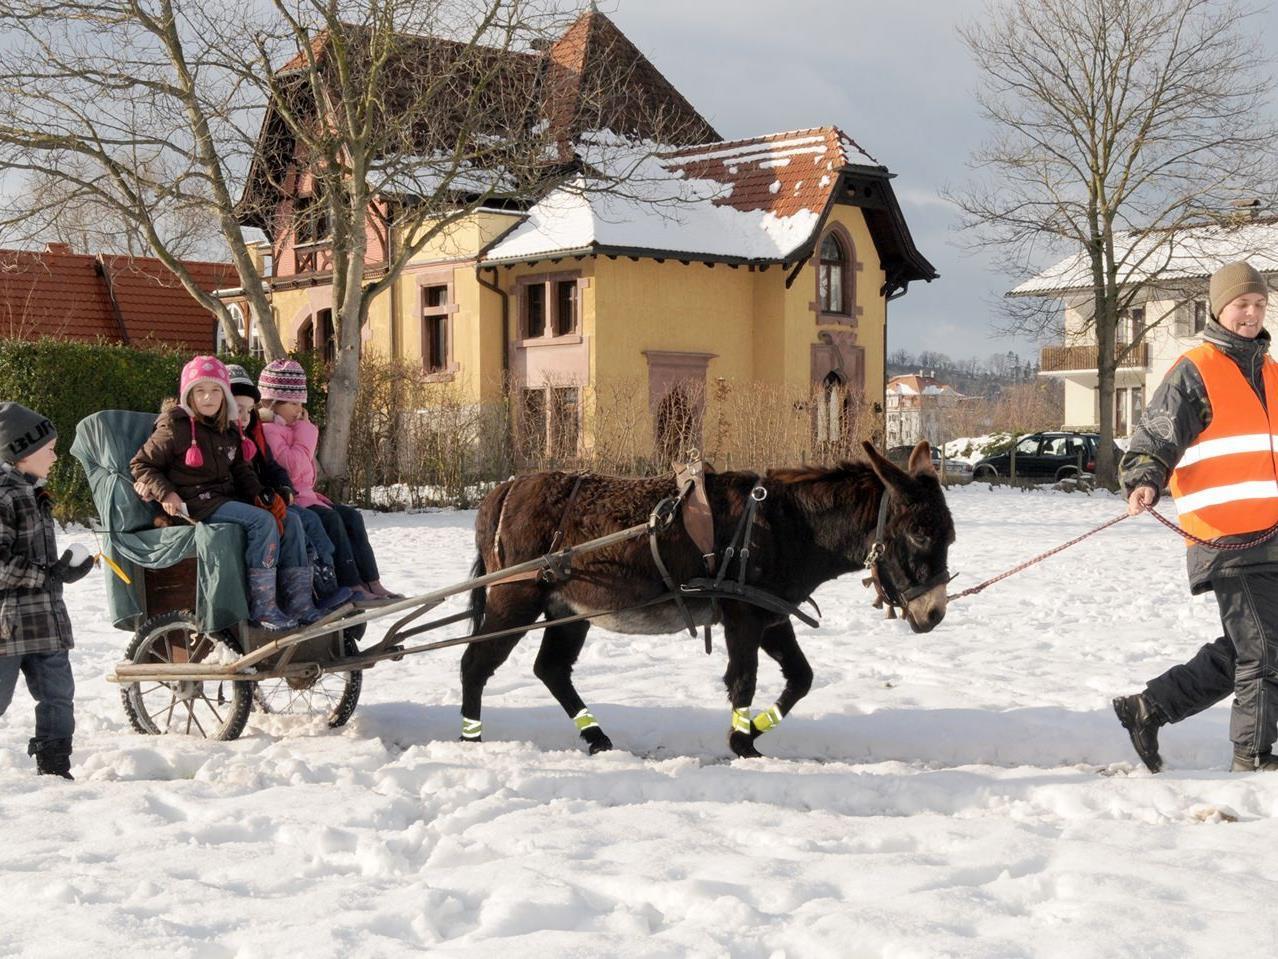 Ausfahrt im Eselwagen beim Weihnachtsmarkt in Gaißau am Sonntag, den 16. Dezember